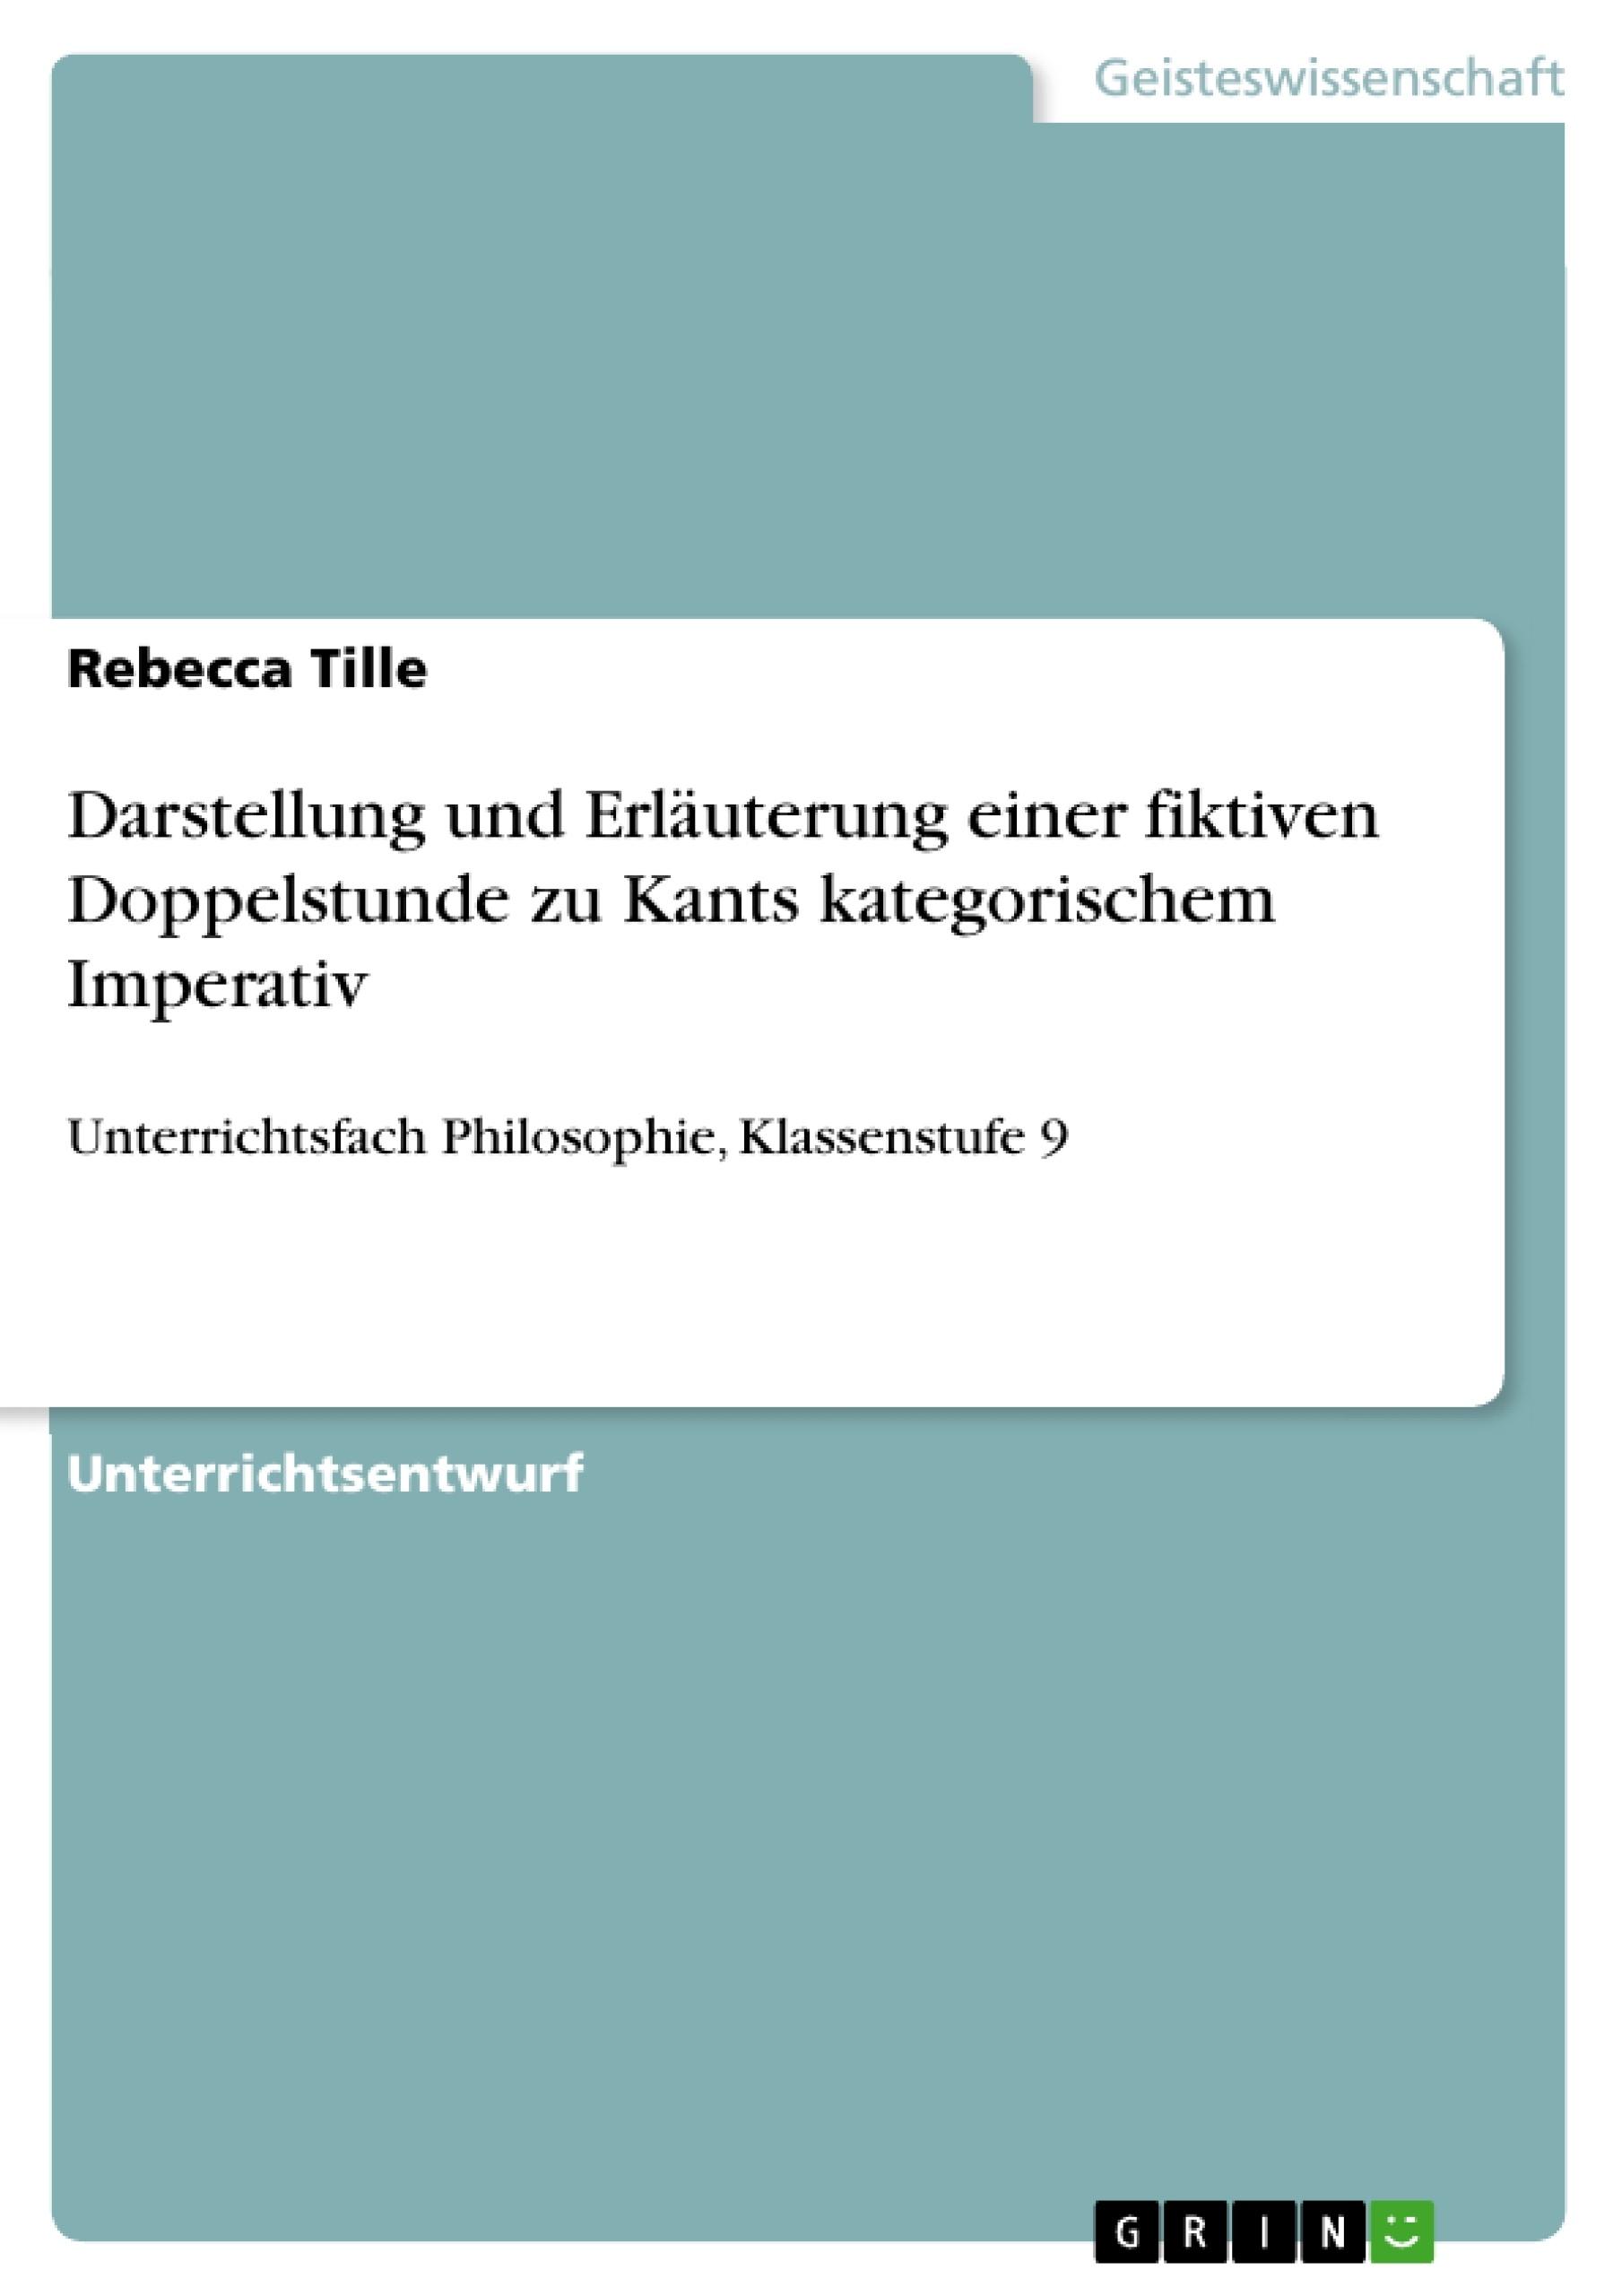 Titel: Darstellung und Erläuterung einer fiktiven Doppelstunde zu Kants kategorischem Imperativ